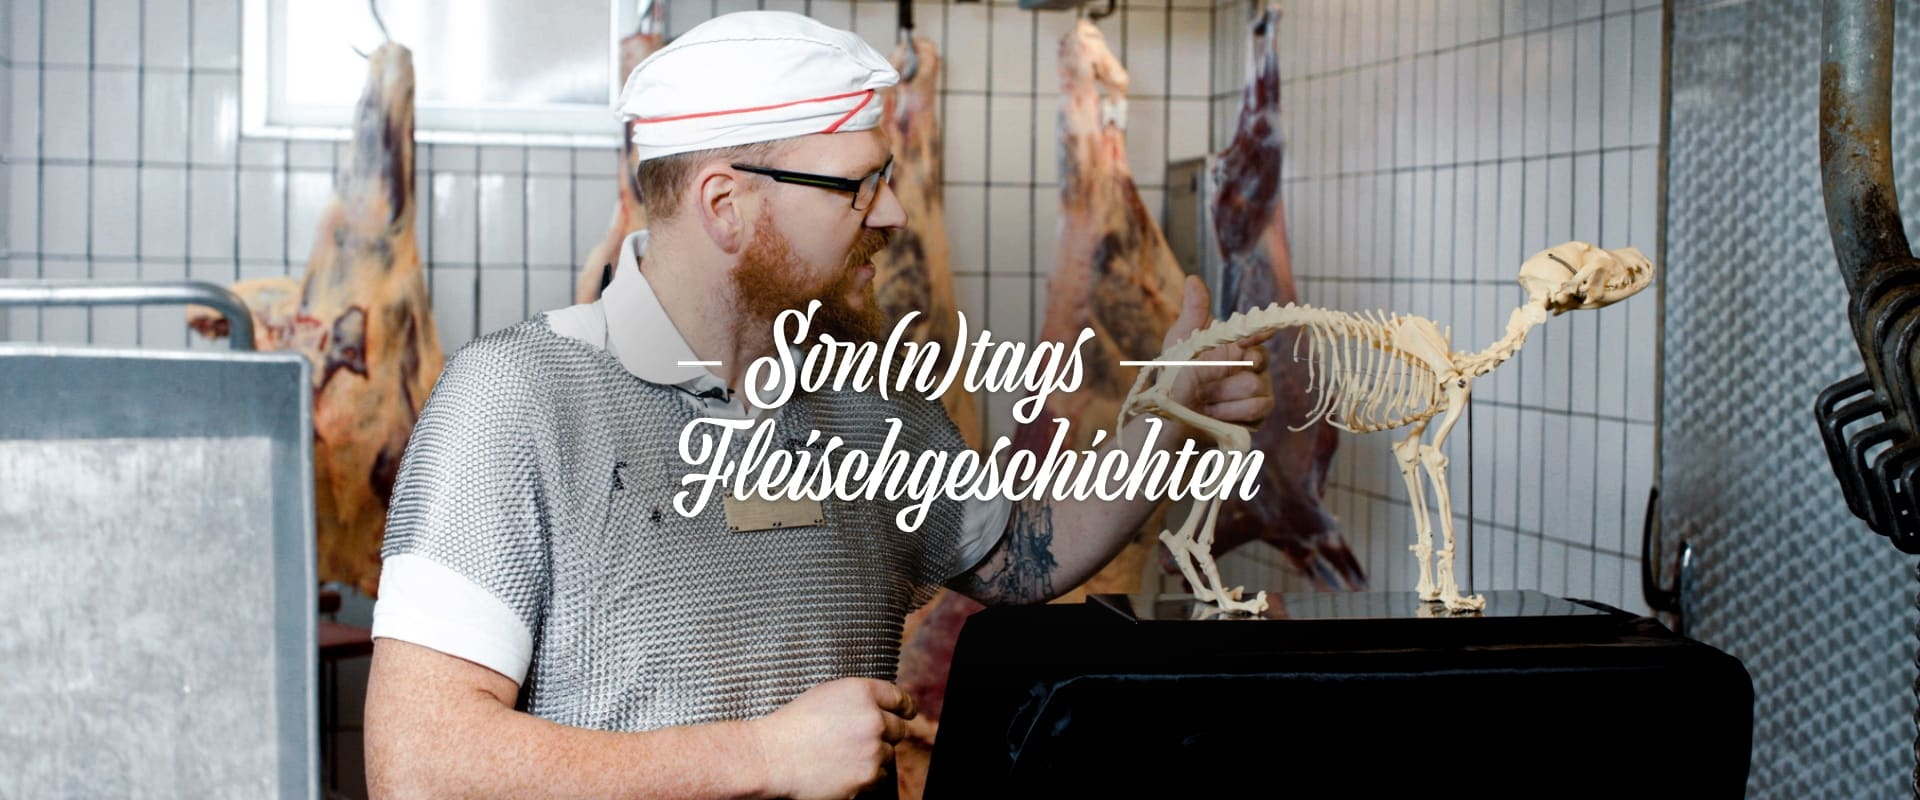 """Son(n)tags Fleischgeschichten: """"Es gibt keine guten und schlechten Teile am Tier"""""""